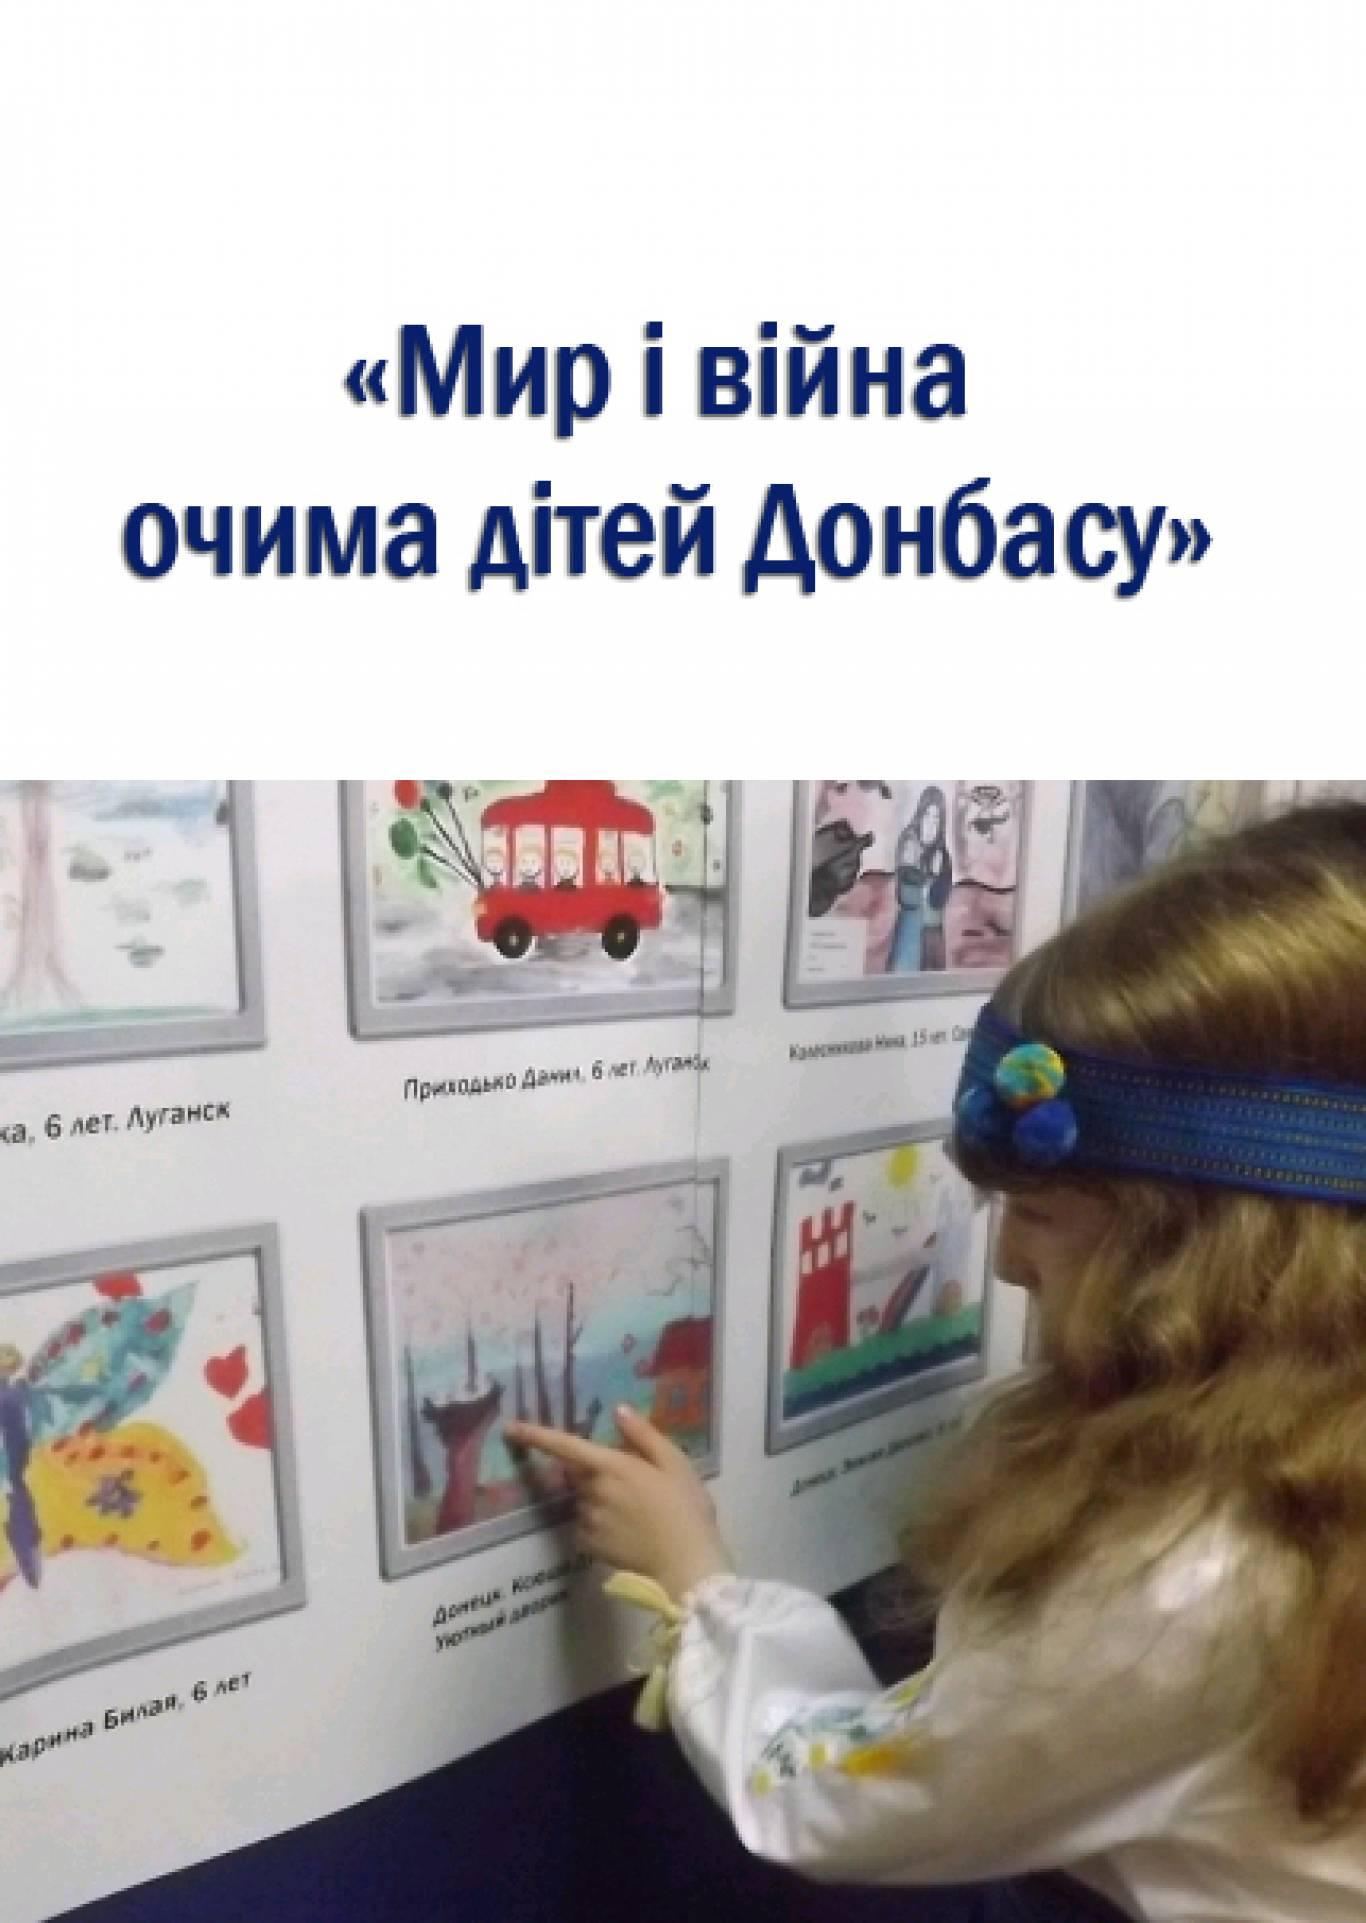 «Мир і війна очима дітей Донбасу»